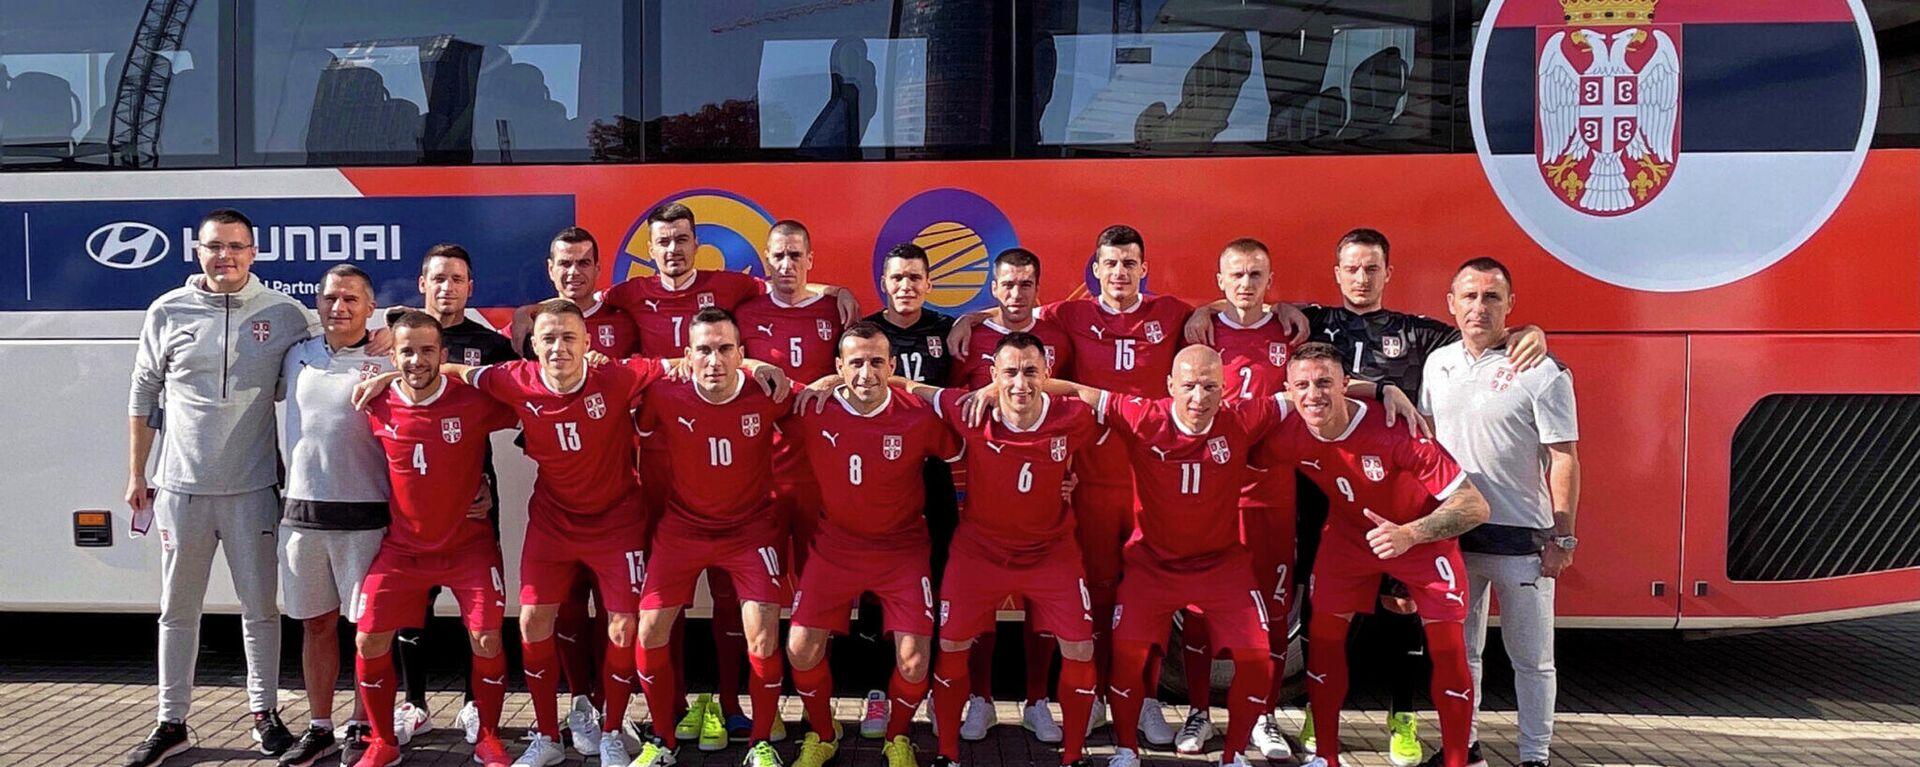 Futsal reprezentacija Srbije - Sputnik Srbija, 1920, 14.09.2021